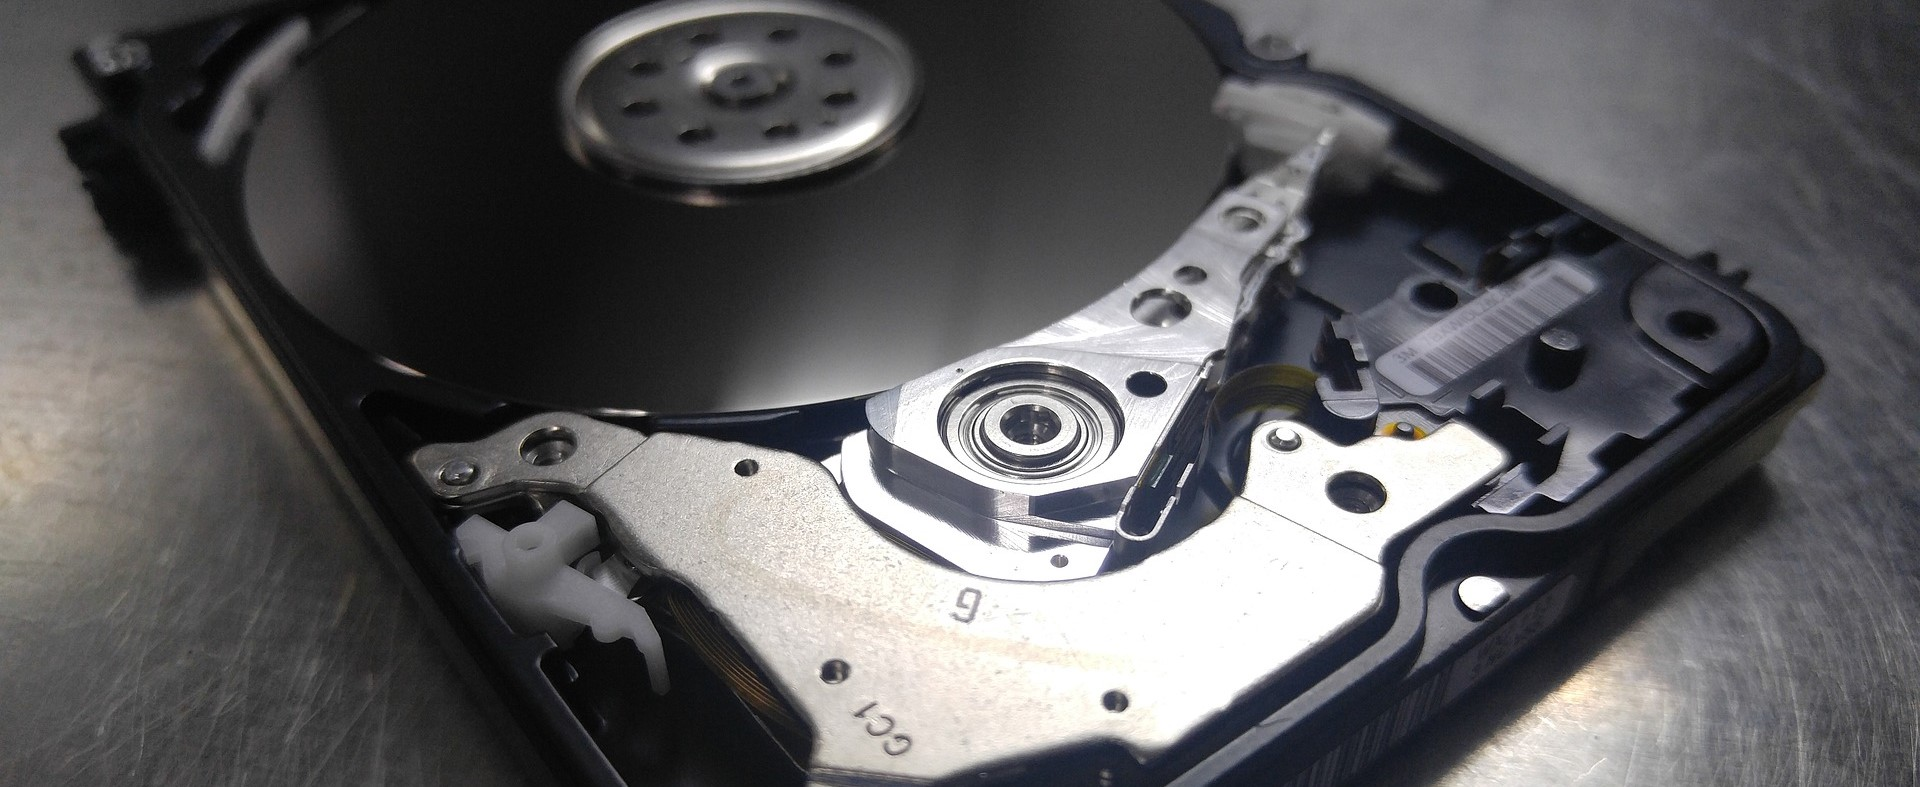 Outsourcing IT bezpieczeństwo z usług informatycznych dla średnich firm.